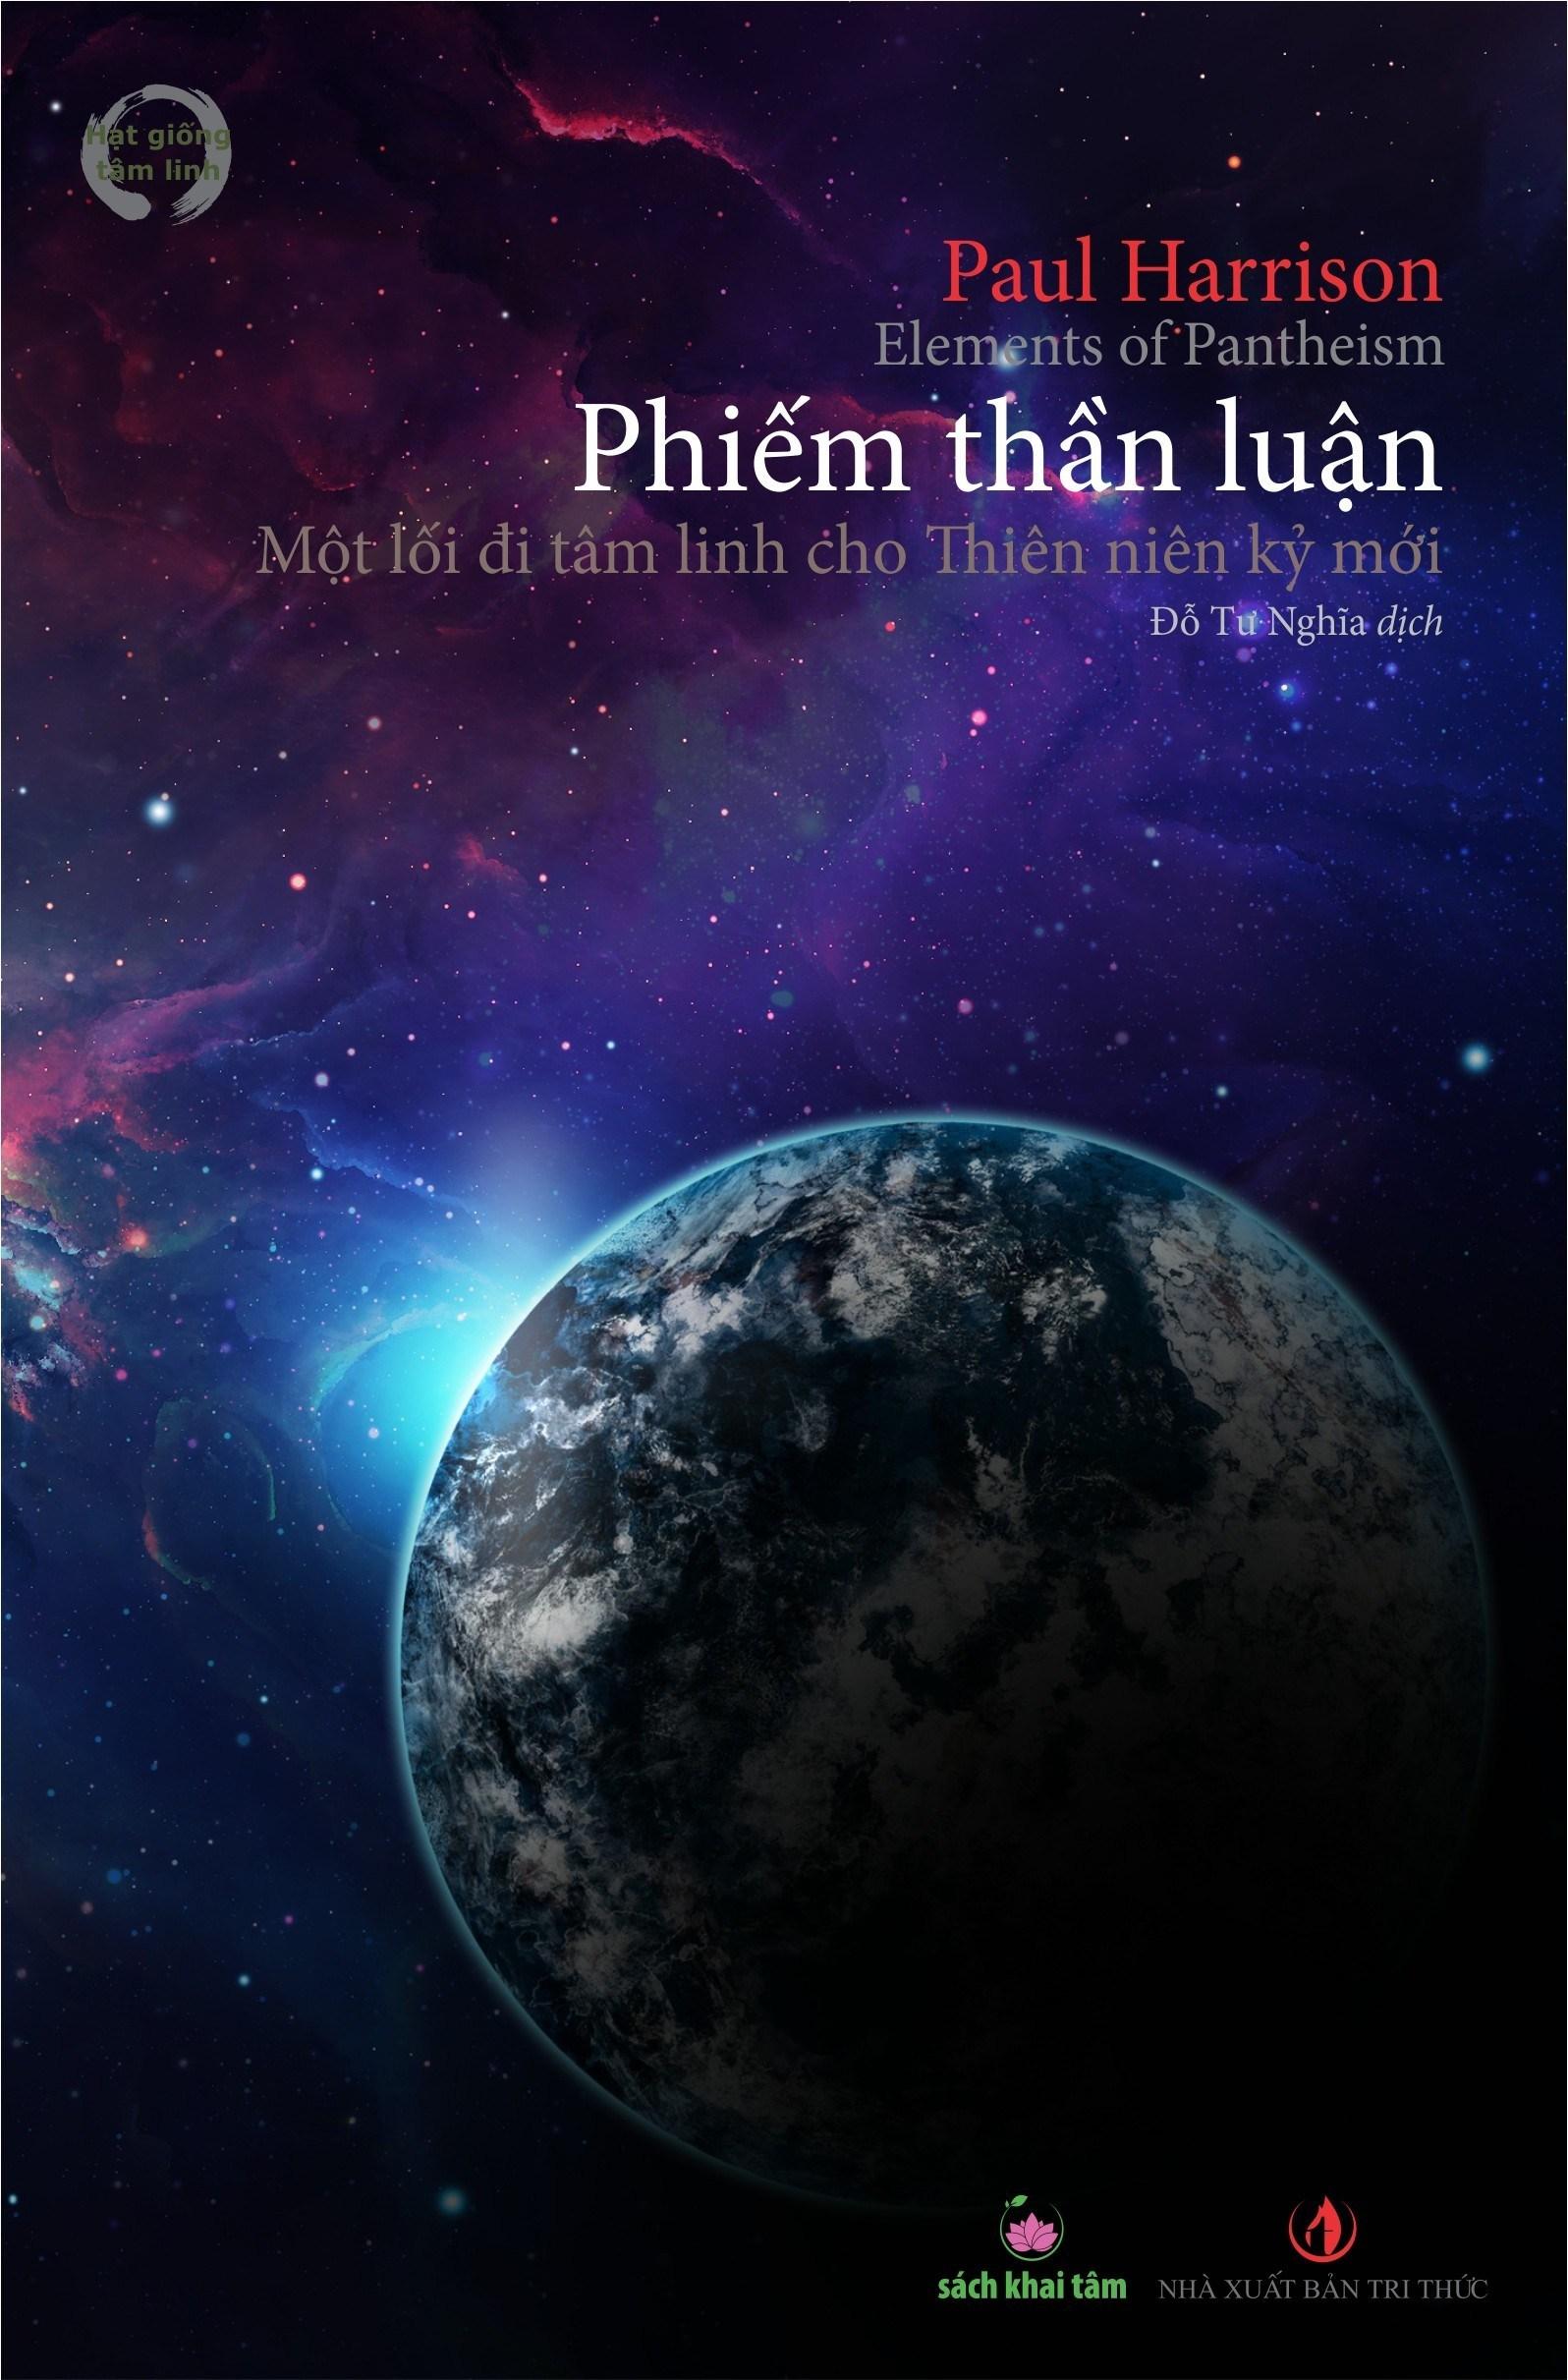 Phiếm thần luận được xuất bản bởi NXB Tri thức và nhà sách Khai Tâm.